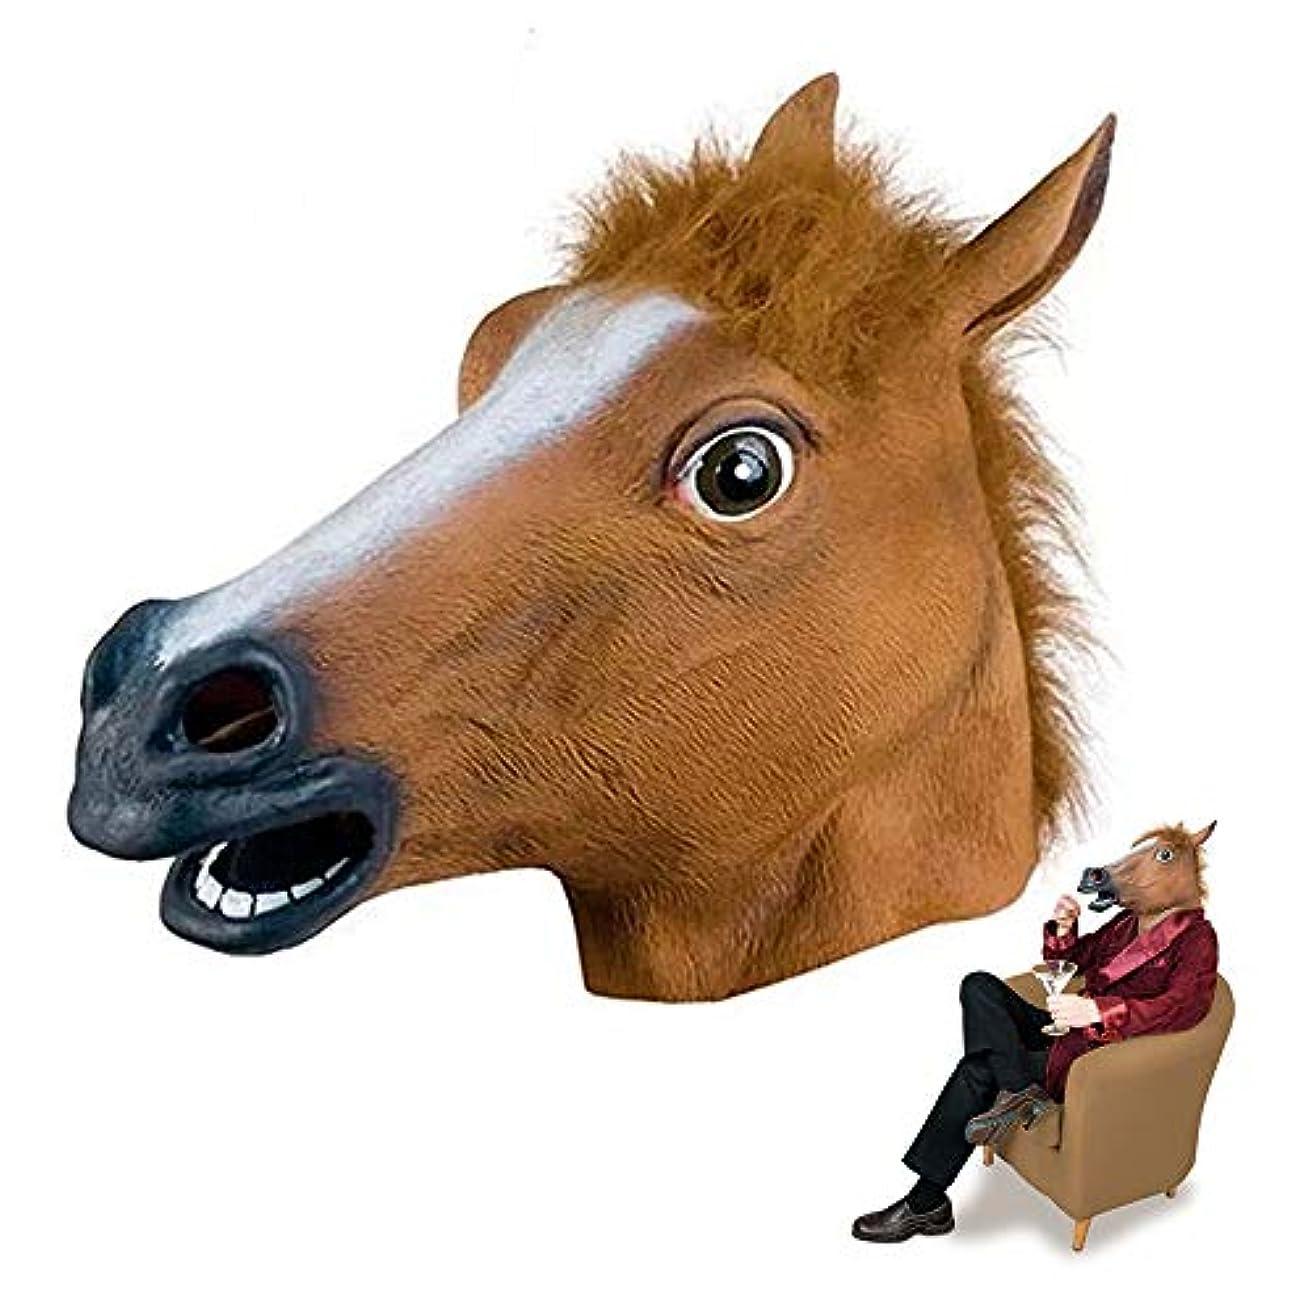 ポンペイキャプションリアルハロウィンマスクプロムラテックスホースヘッドマスク動物ヘッドギア装飾用プロム小道具面白いパフォーマンスパーティースプーフィングホワイト